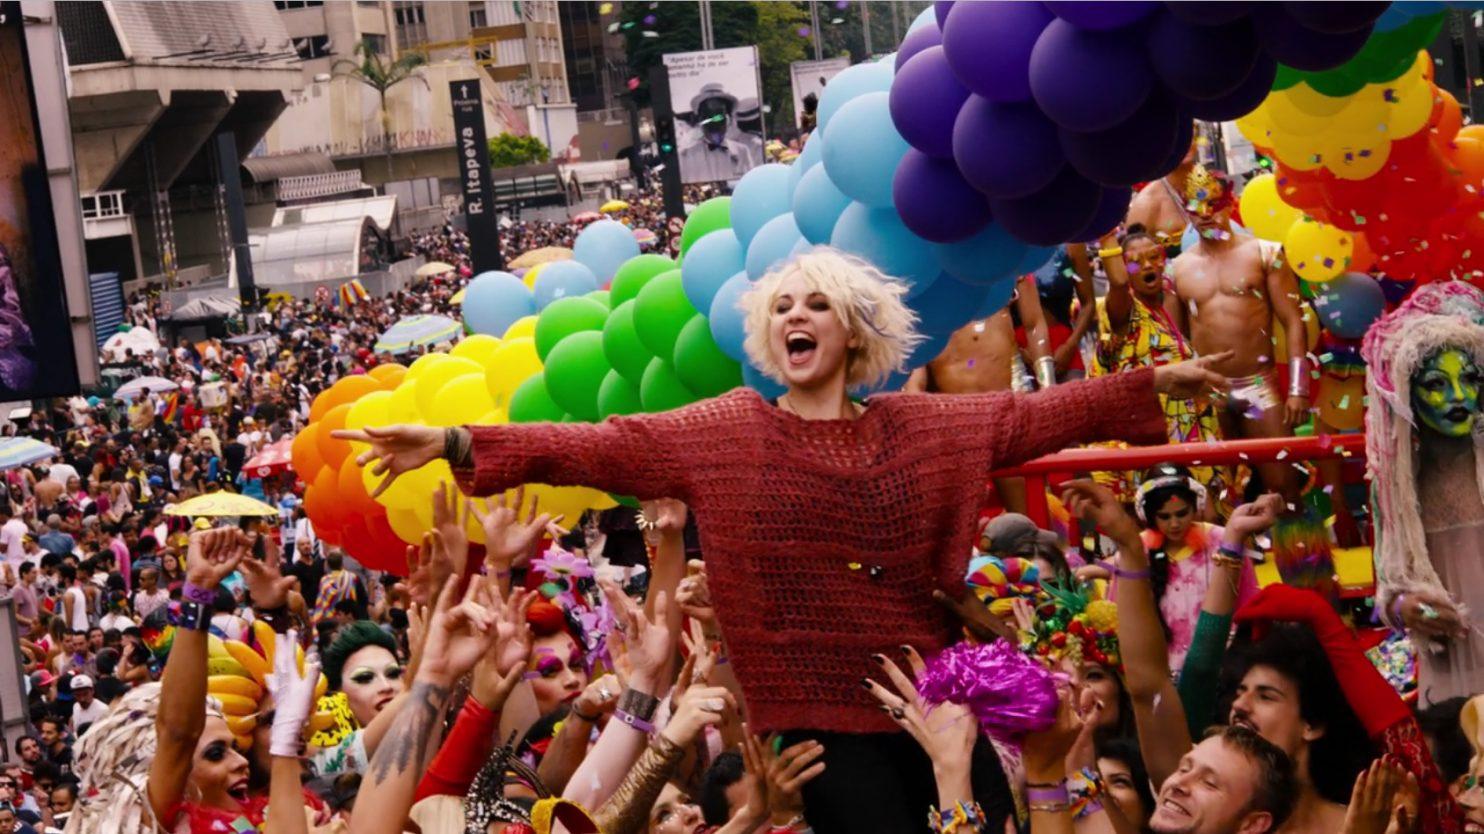 Saiba mais sobre o que aconteceu na 20ª Parada do Orgulho LGBT de São Paulo